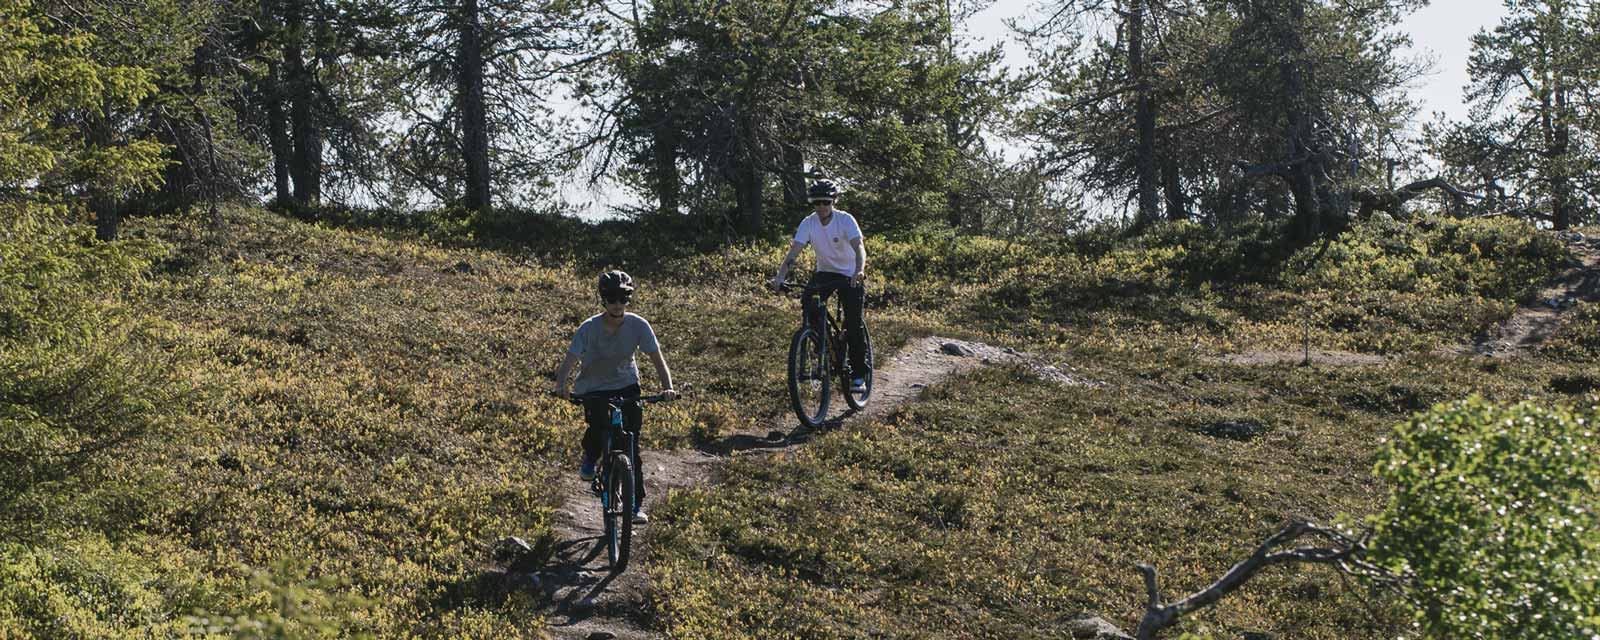 Ruka Bikes - Vuokraa sähköavusteinen polkupyörä